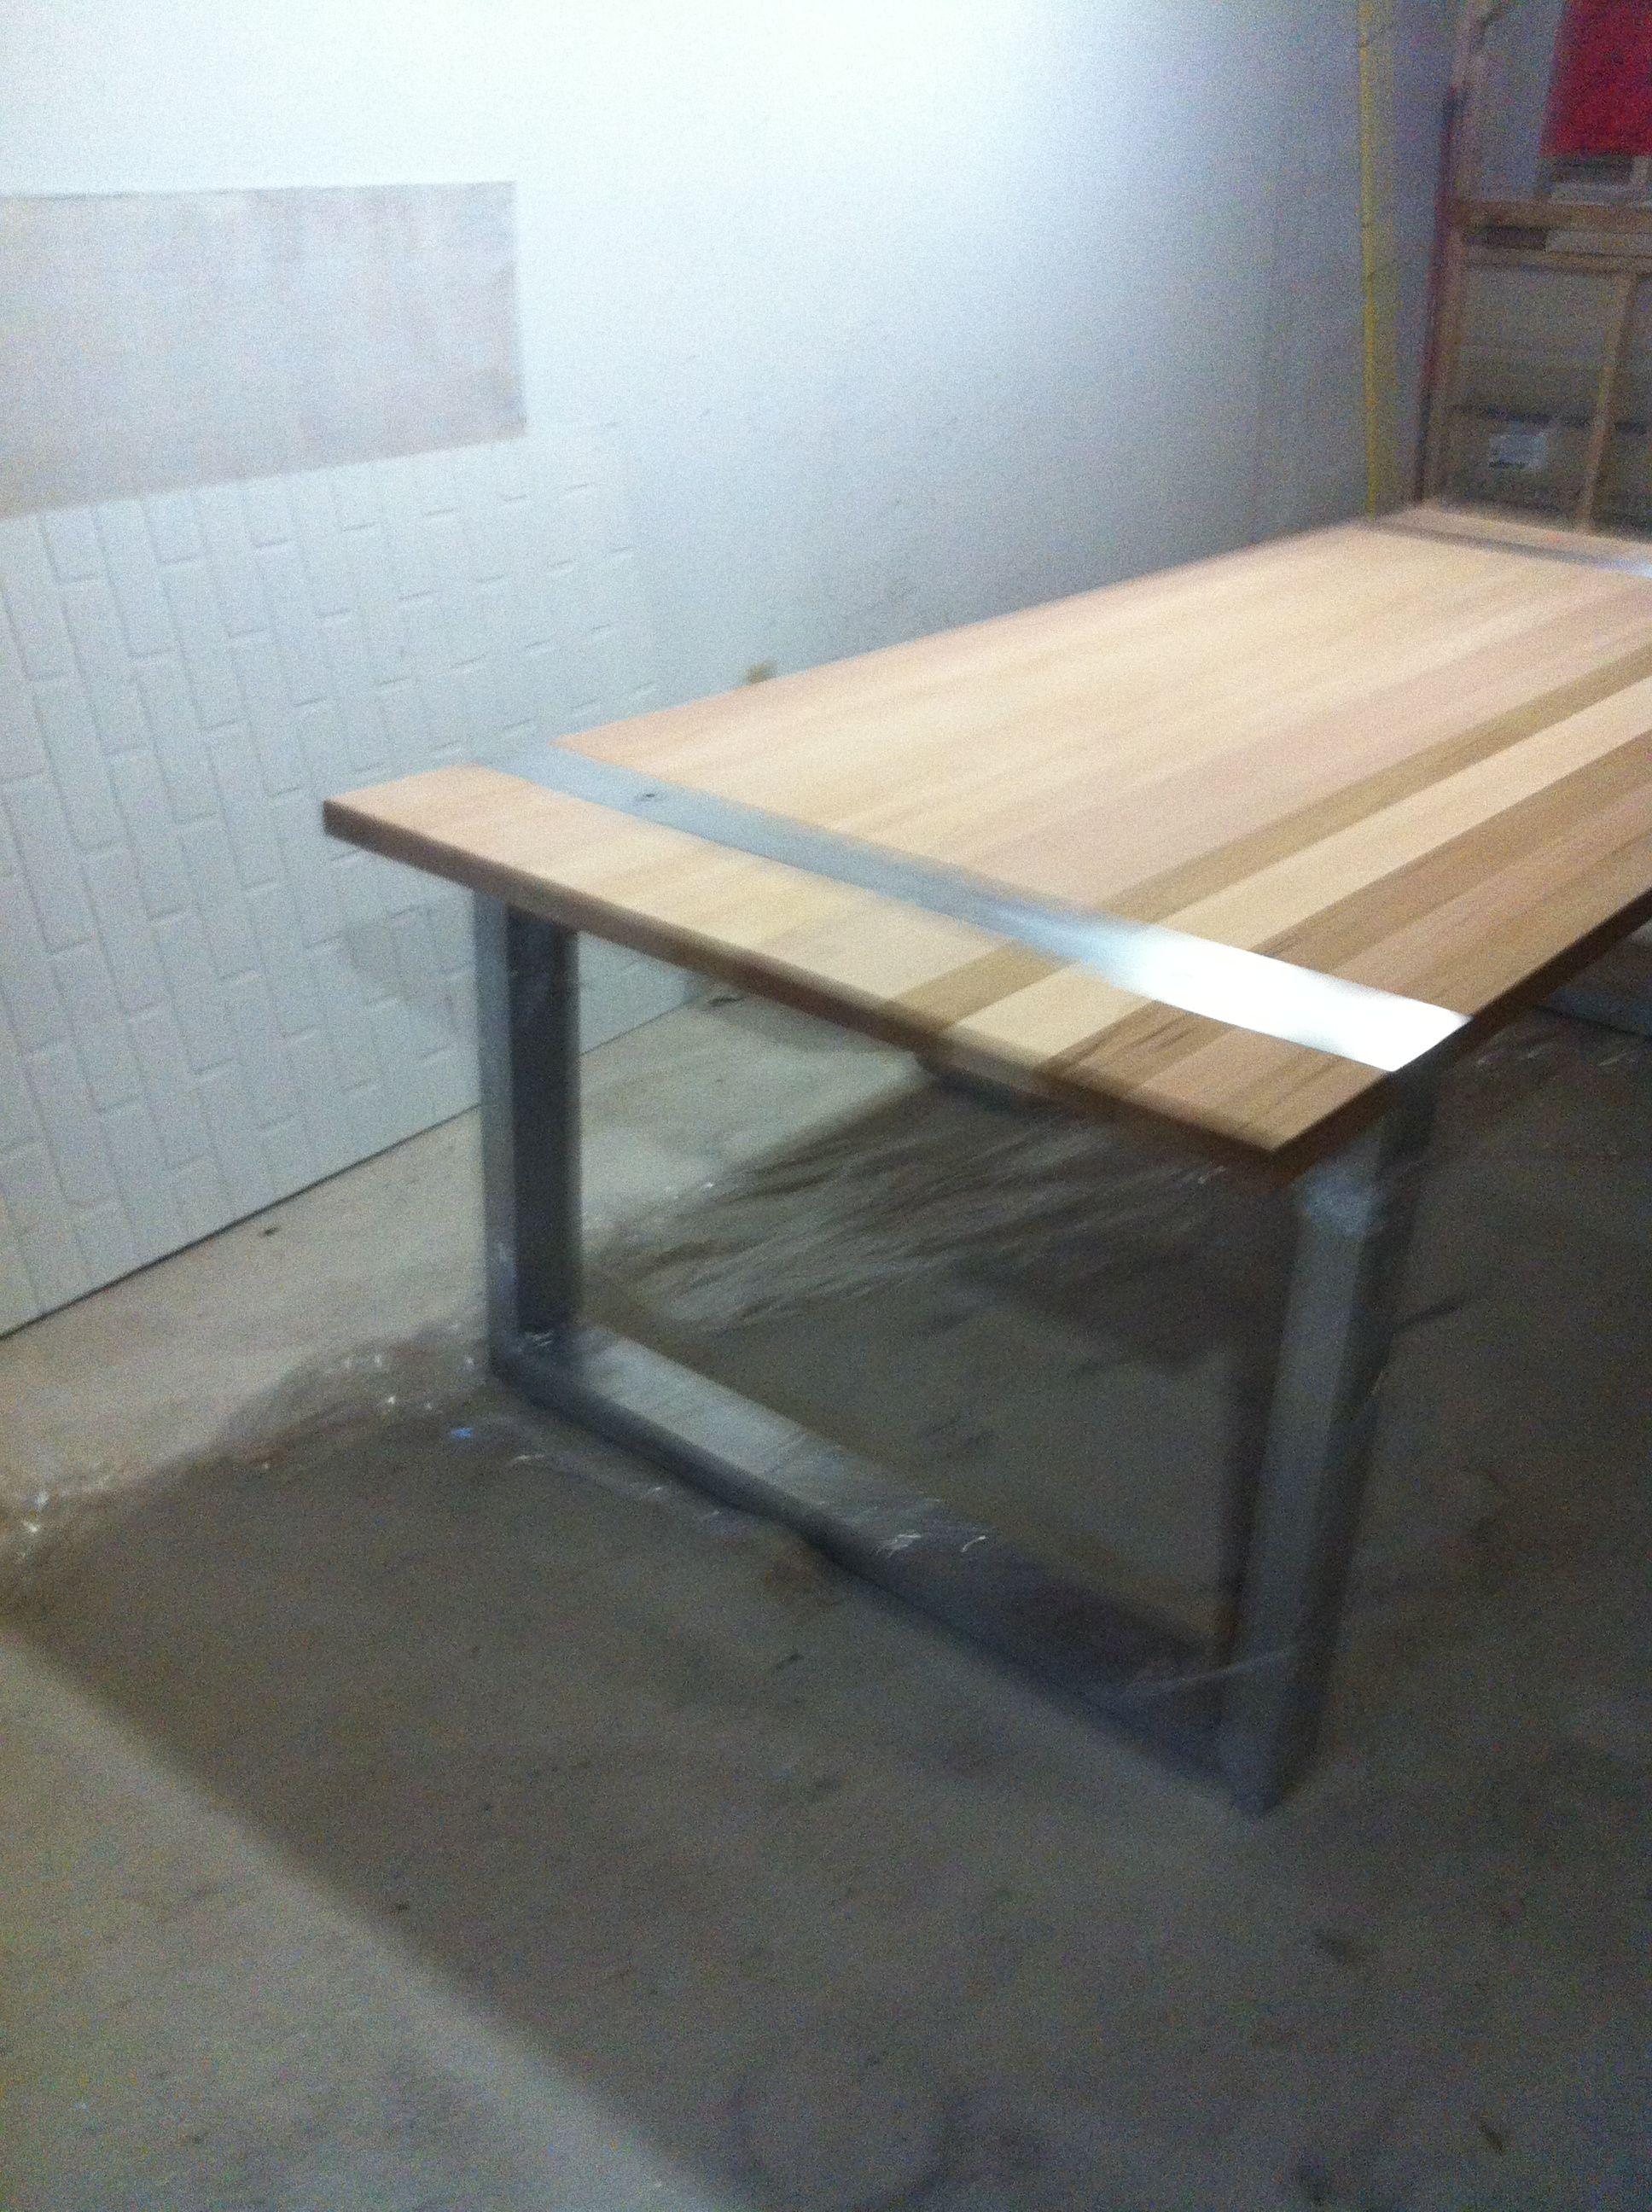 table ext rieur en c dre de l ouest d montable pour. Black Bedroom Furniture Sets. Home Design Ideas